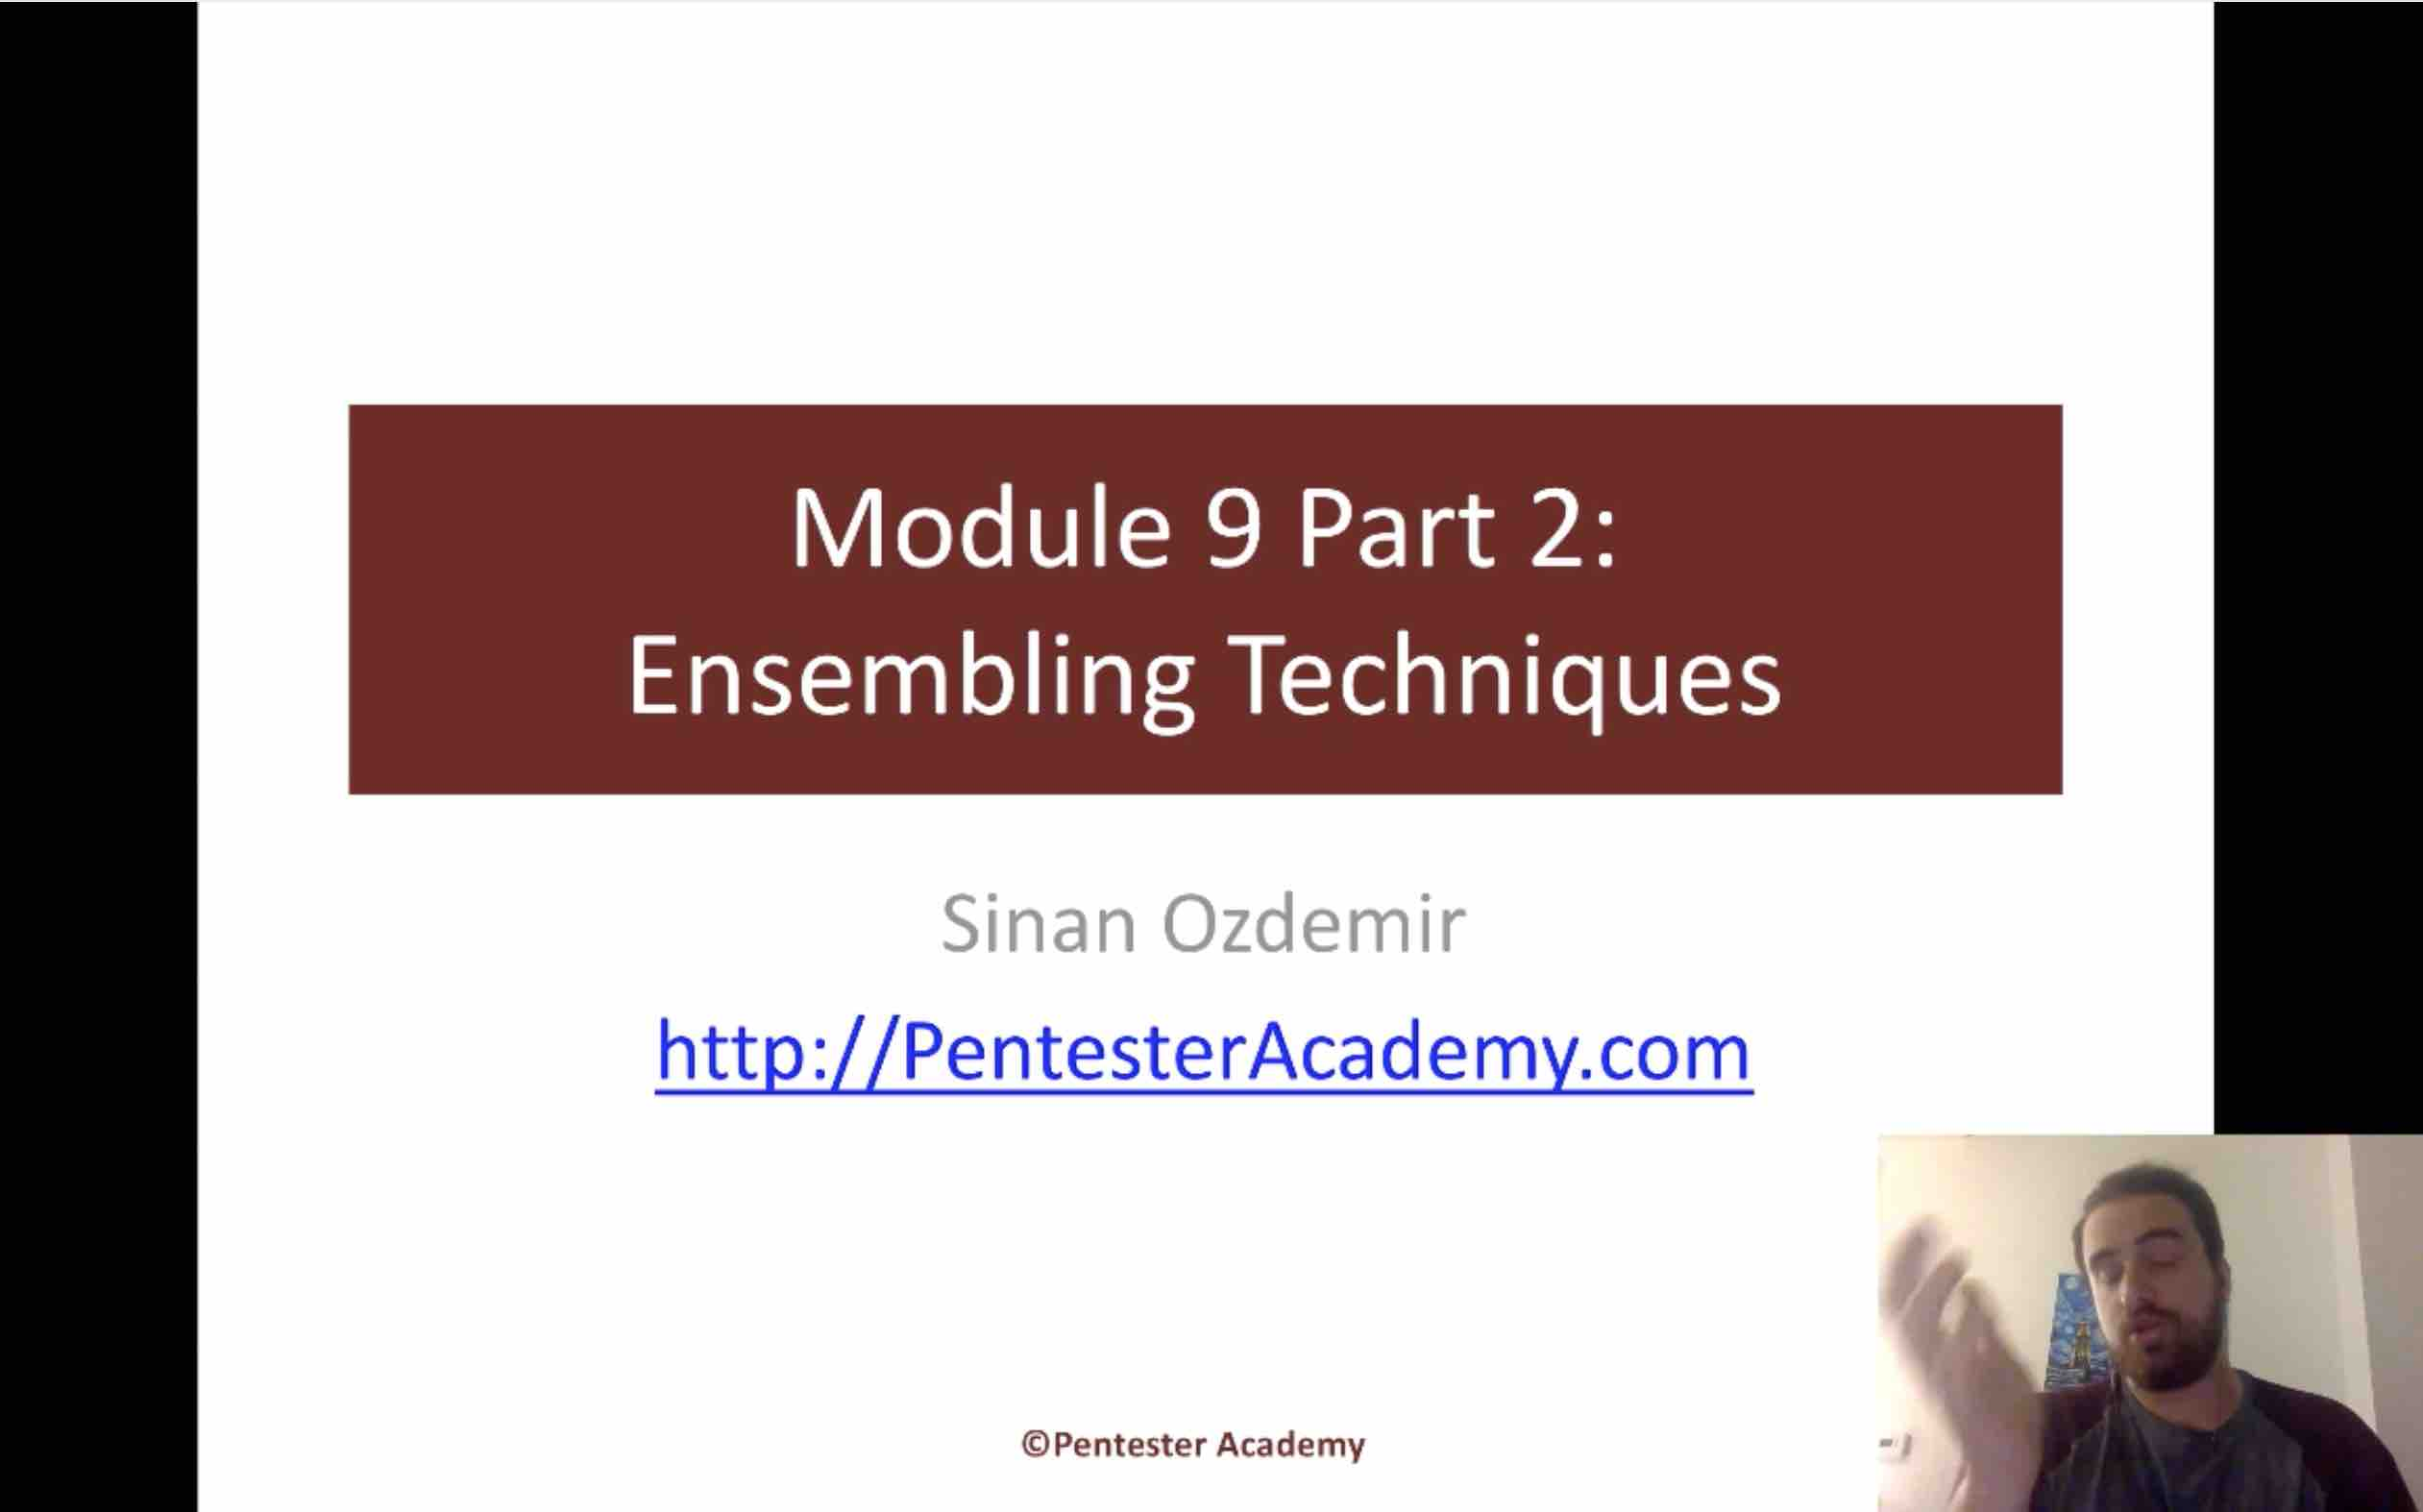 Module 9: Ensembling Techniques Part 2